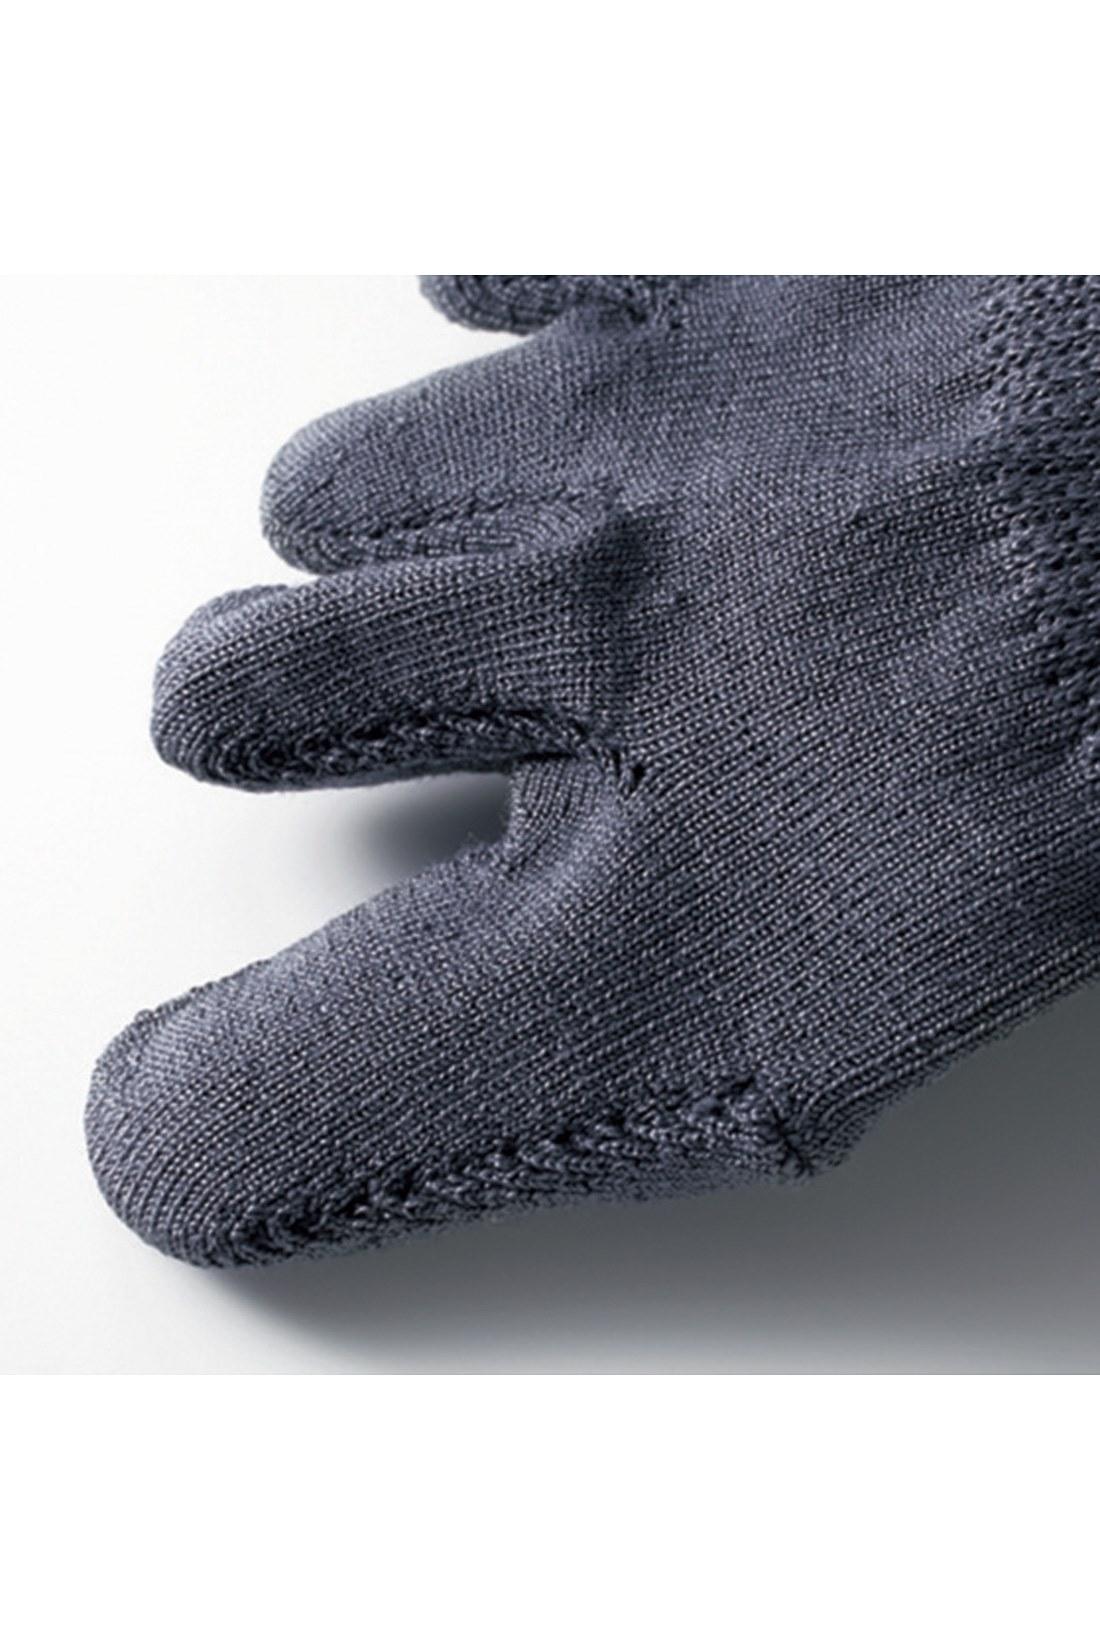 これは参考画像です。指部分が立体成形になっているので、指入れがしやすく快適。外から見えないインナーソックスなので、5本指に抵抗のある人にもおすすめです。